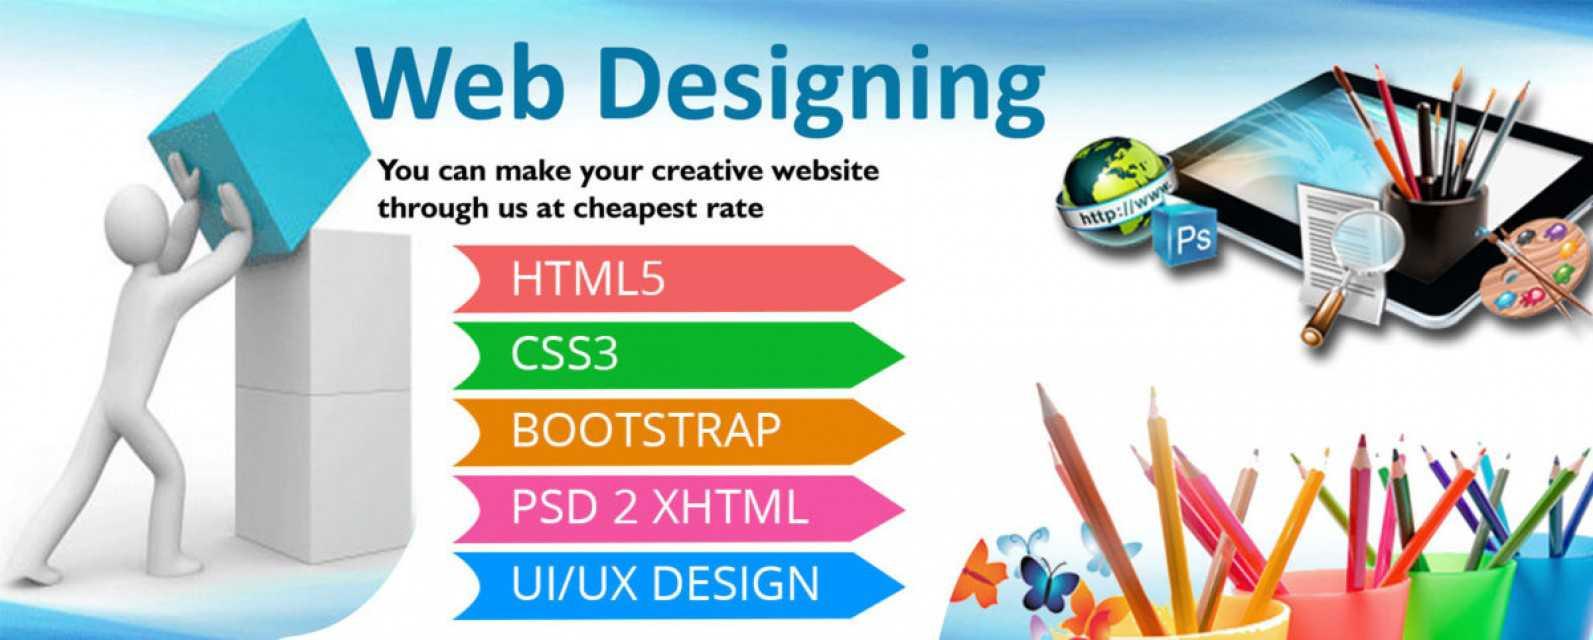 img 1 web designing new 1200x482